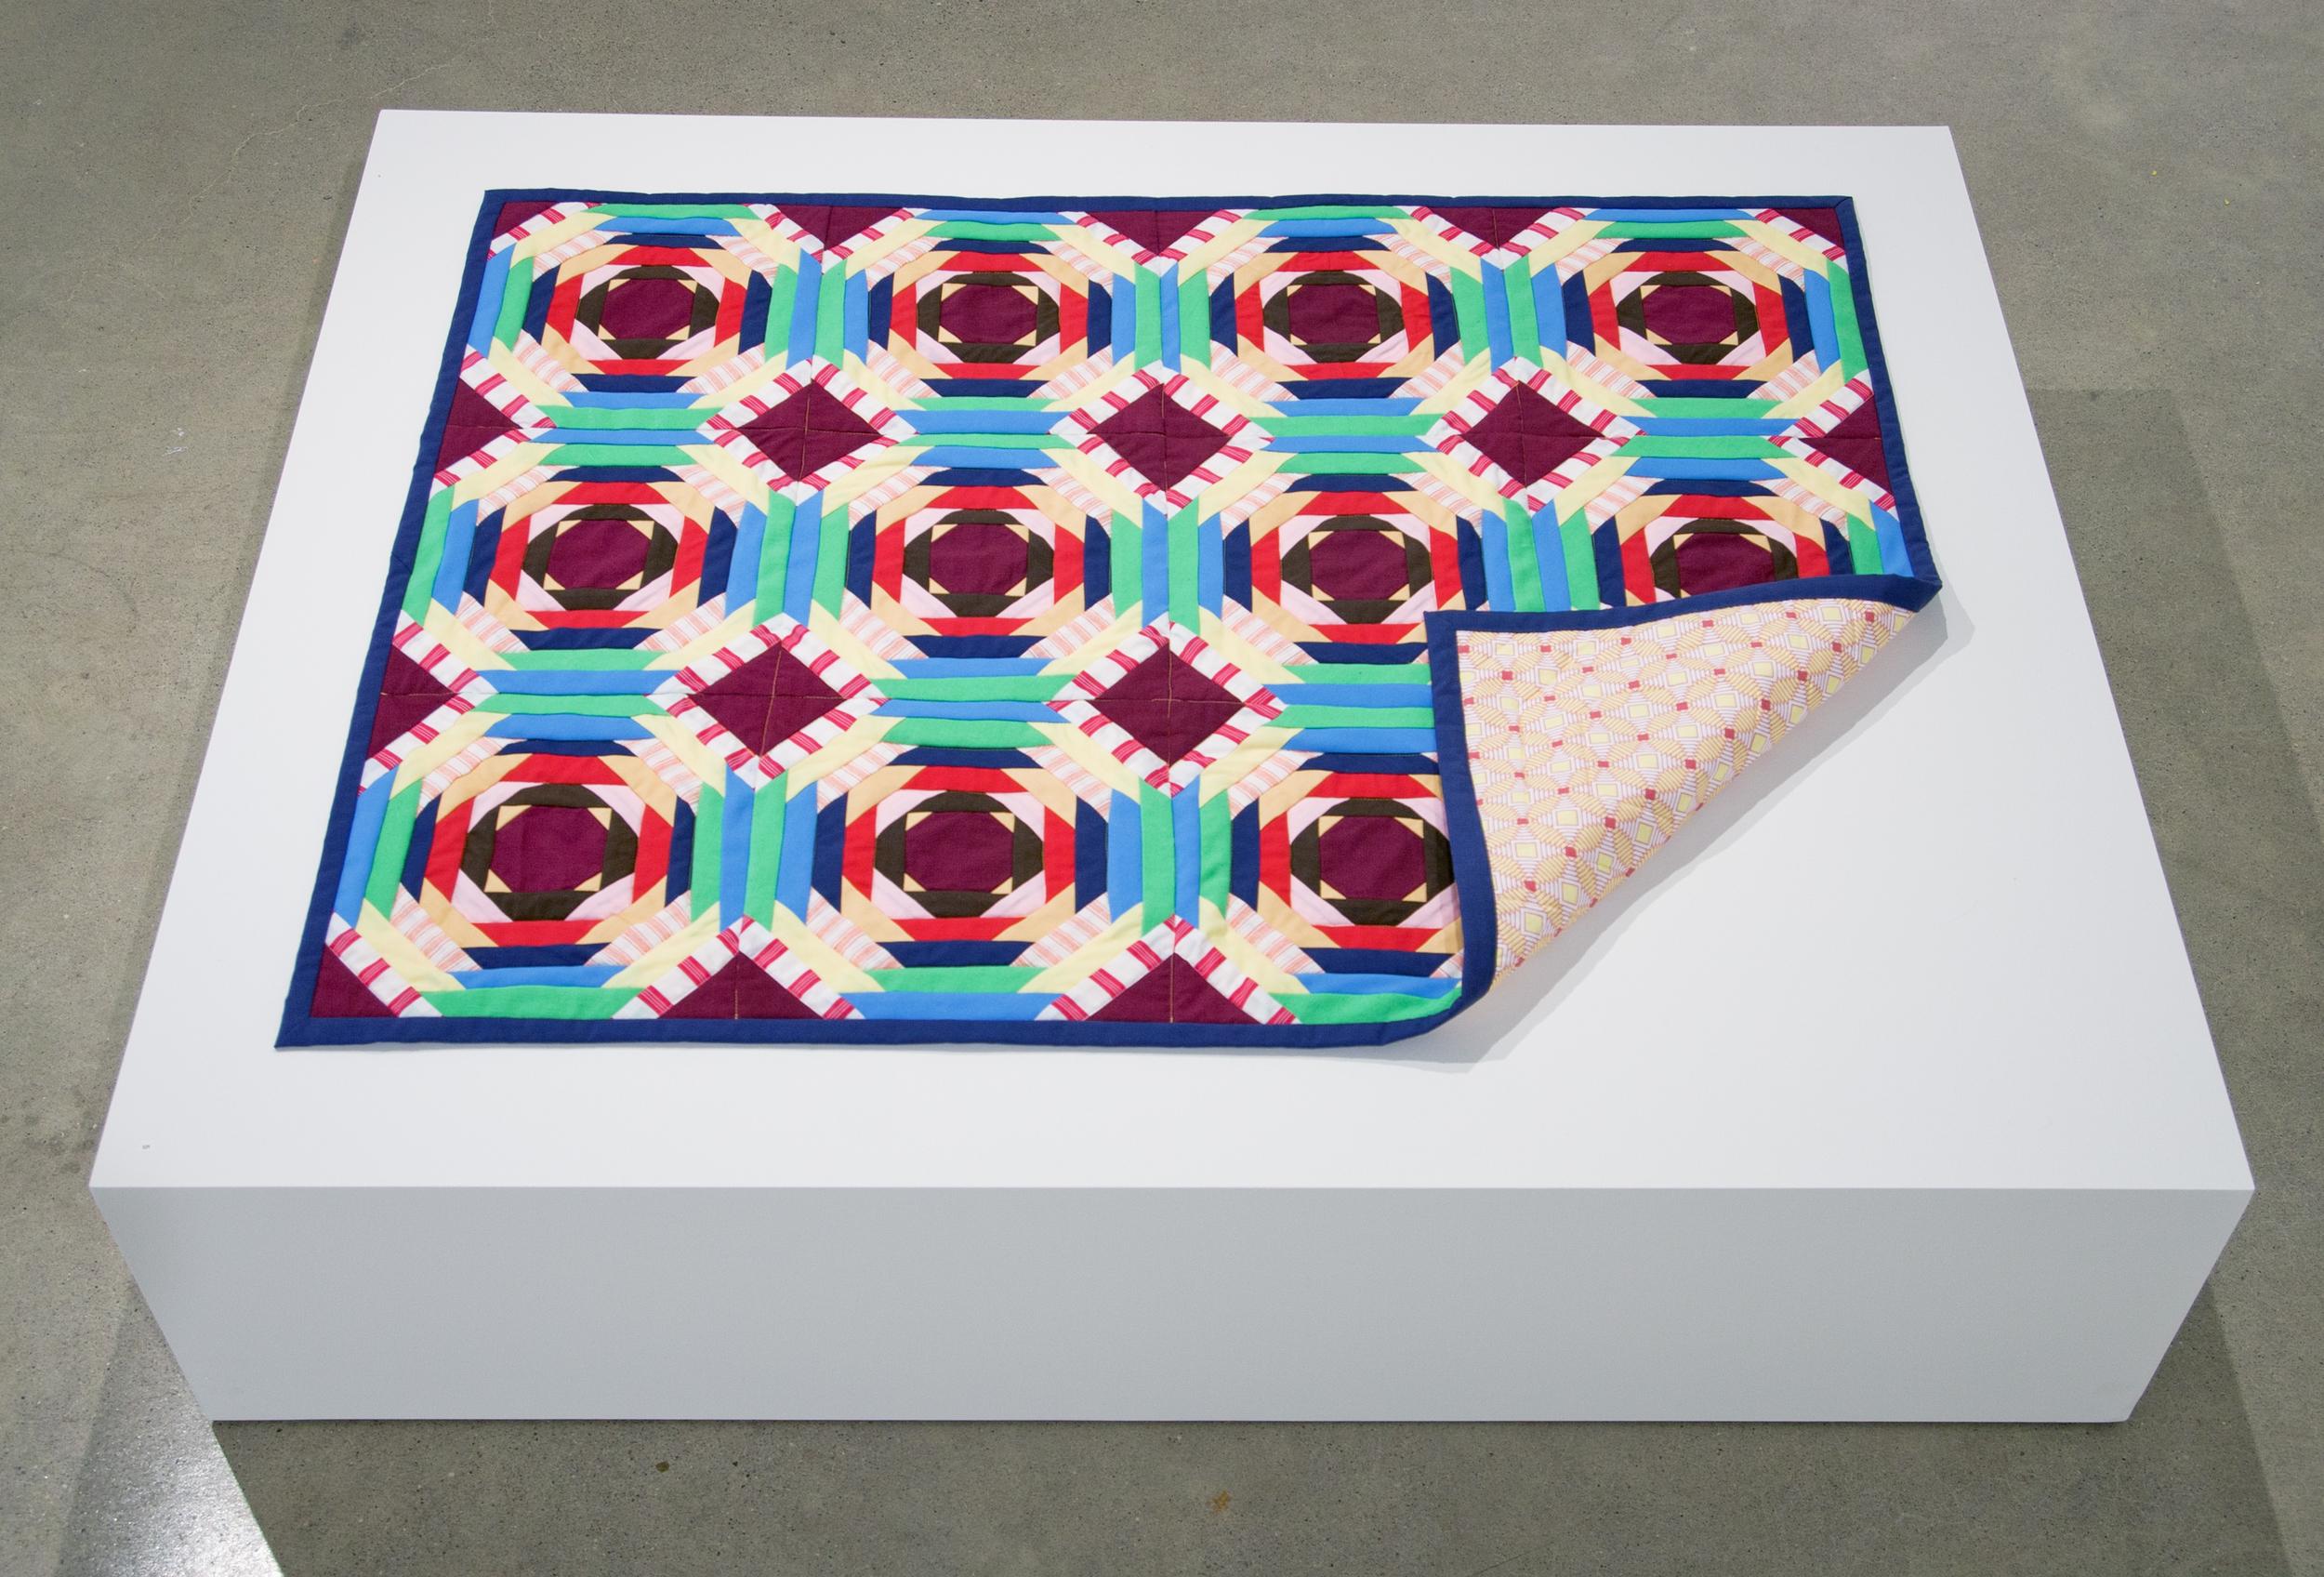 Quilt , 2014,mixed fabrics,114 x 87 cm (45 x 34.5 in)